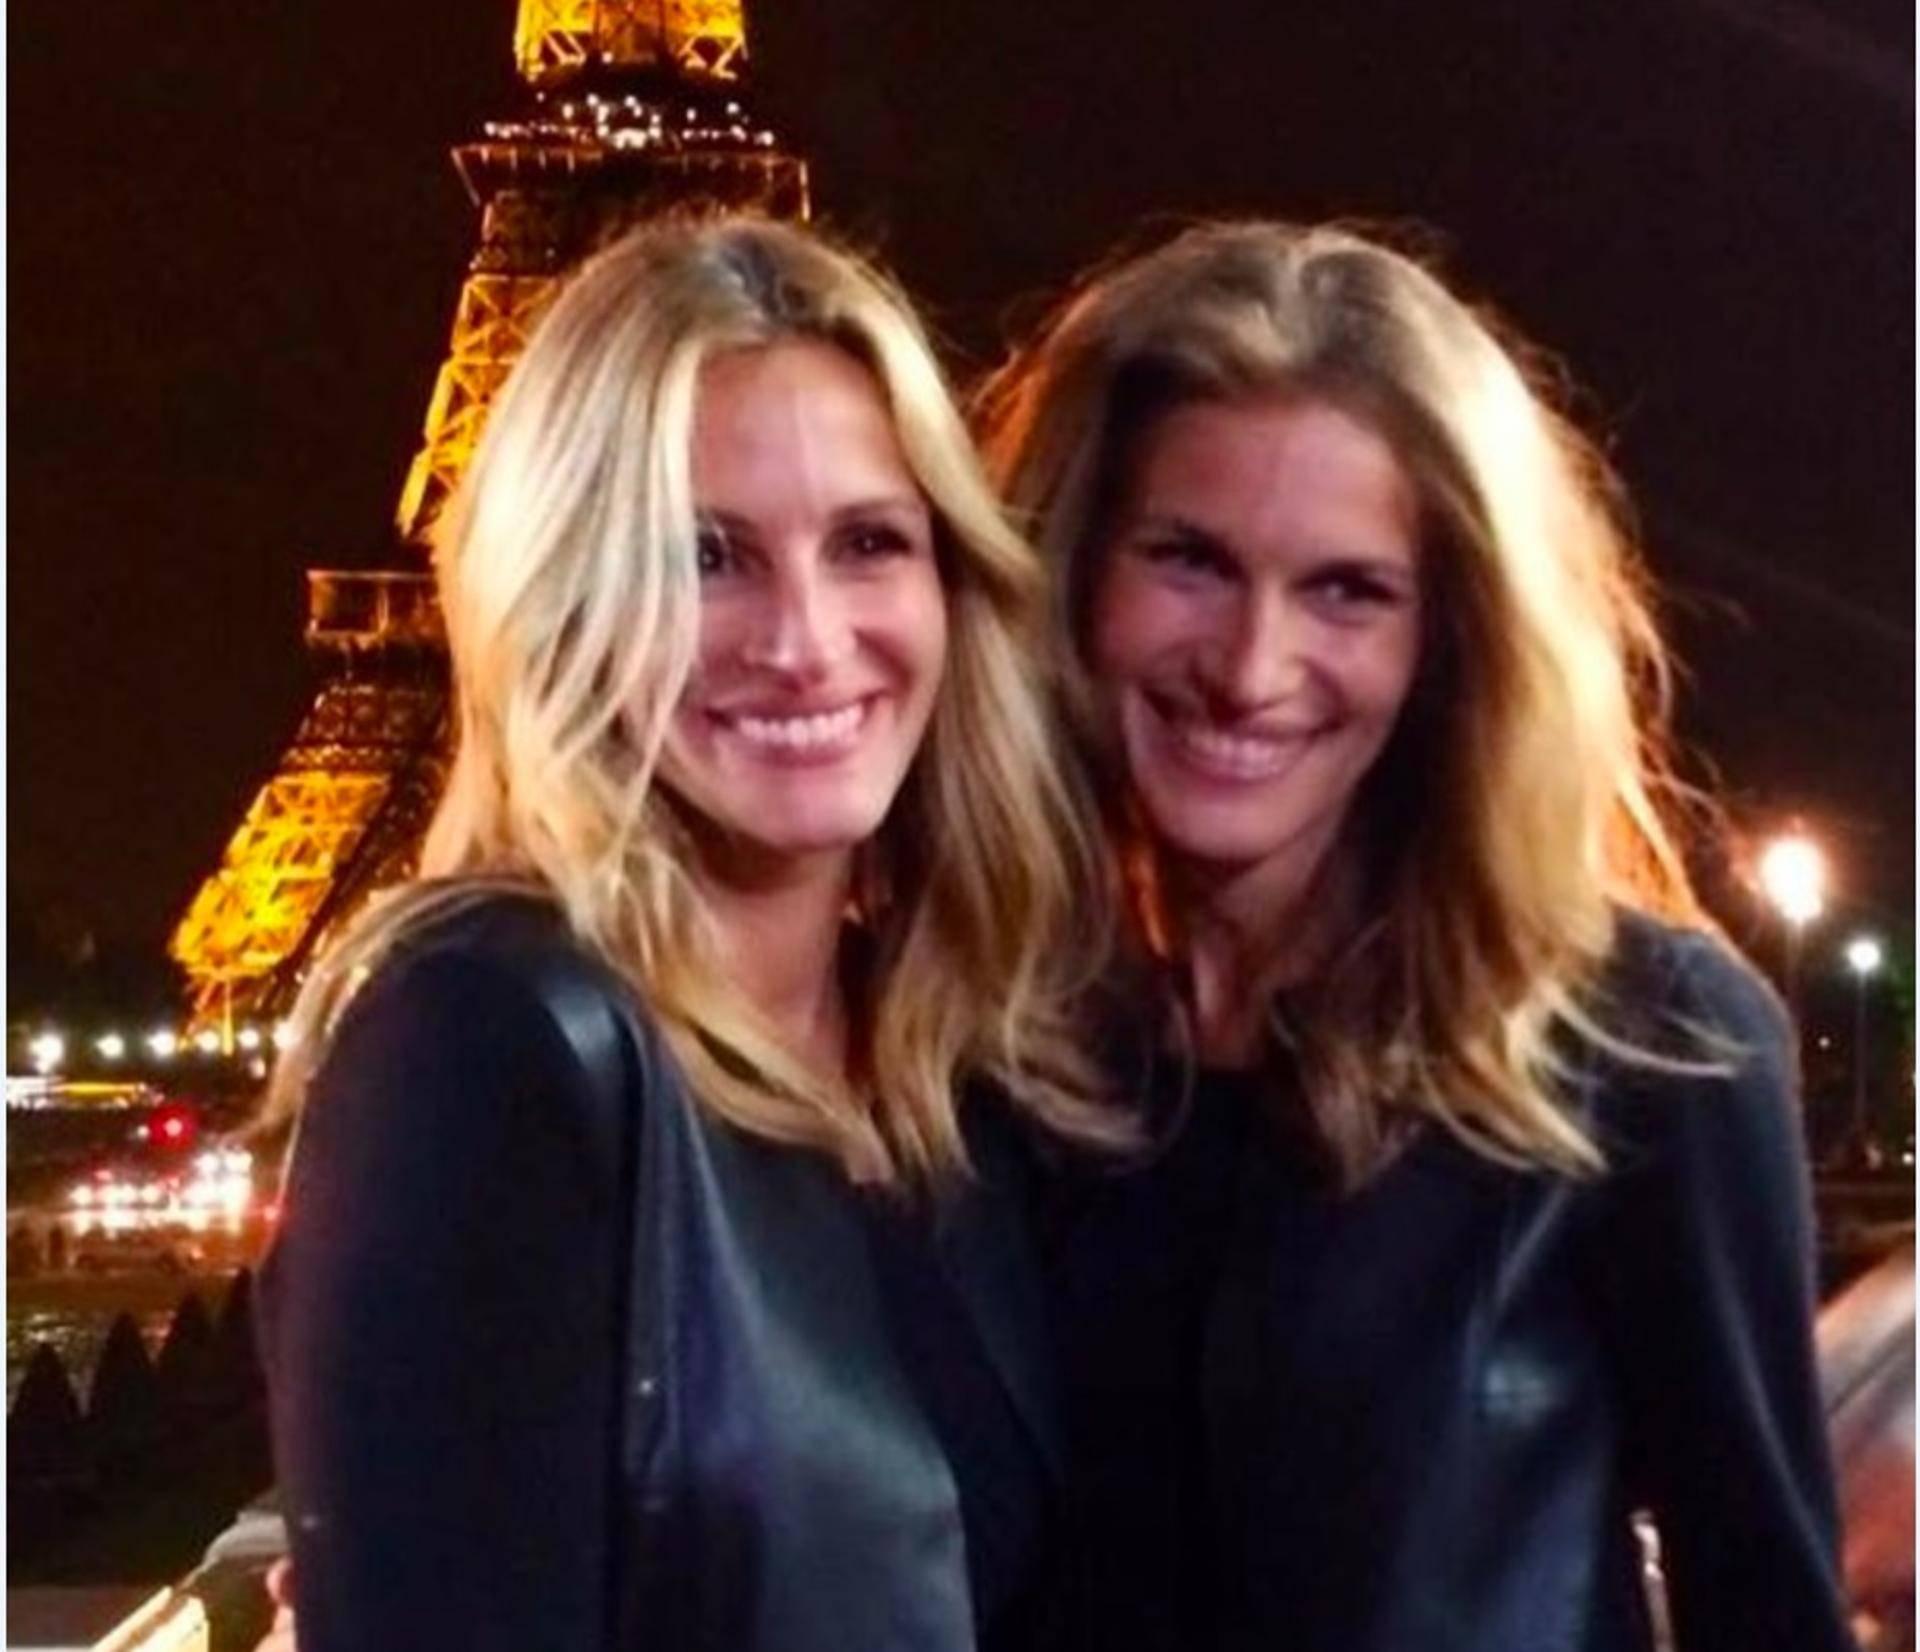 Izgubljena 'sestra': Hrvatskom sada šeću dvije 'Zgodne žene'